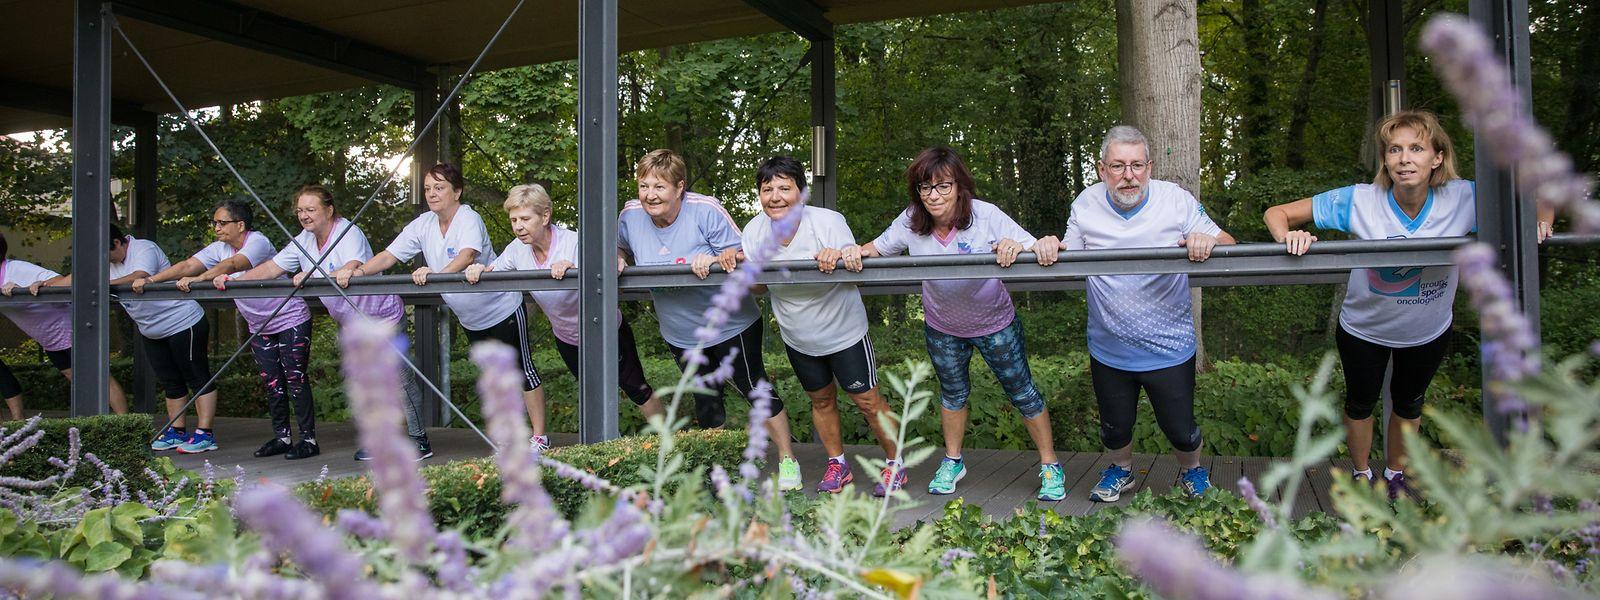 Sport wirkt sich positiv auf das Wohlbefinden von Krebspatienten aus. Krankengymnasten und Sporttherapeuten achten dabei auf eine angemessene Betreuung.